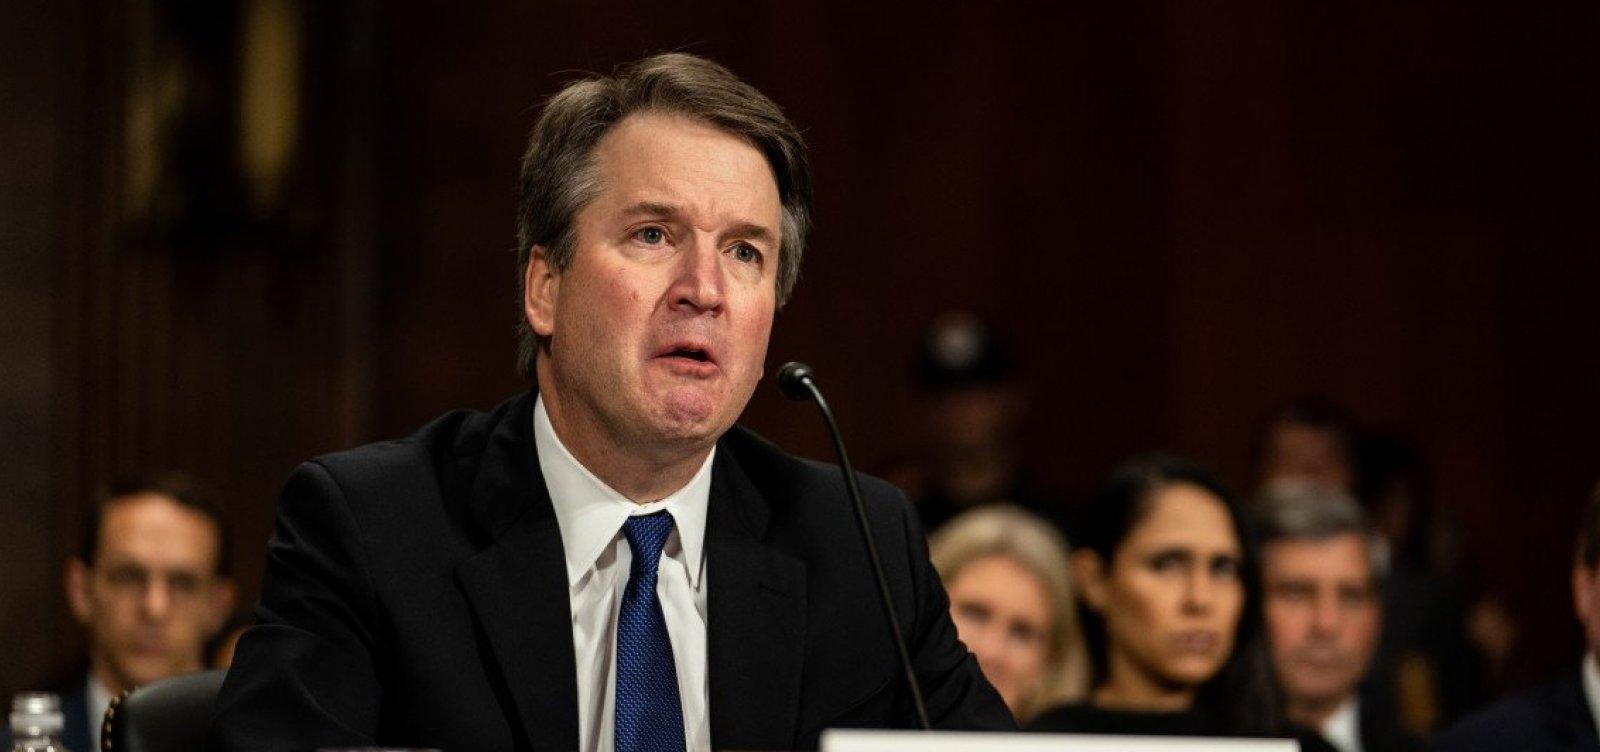 Brett Kavanaugh é aprovado pelo Senado e será juiz da Corte Suprema dos EUA